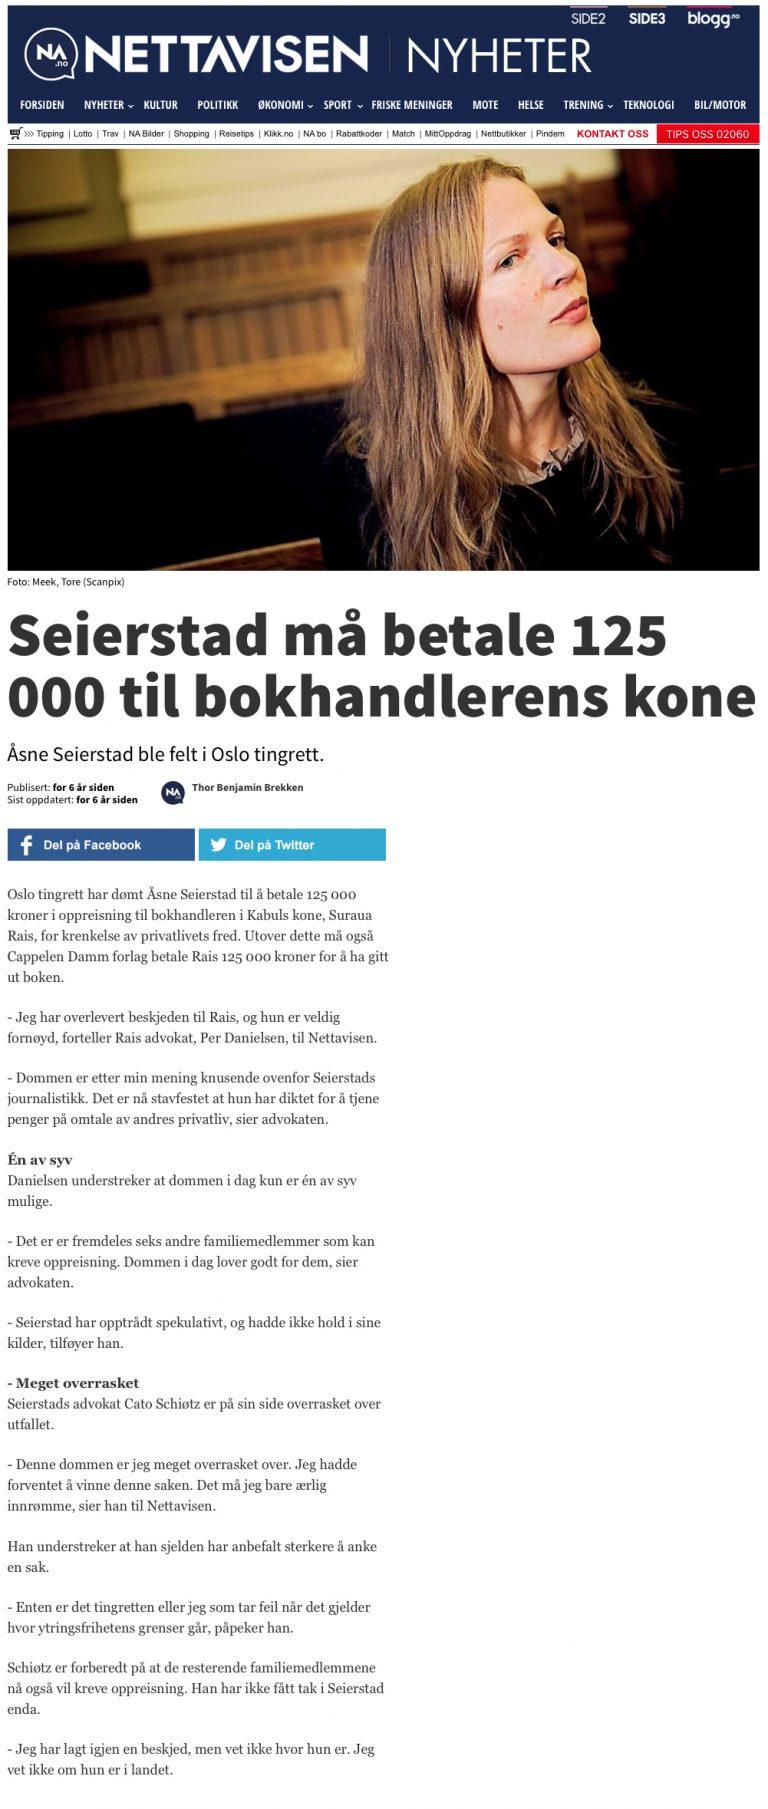 Ærekrenkelse Seierstad dømt av retten (Nettavisen). Advokat Danielsen & Co. Per Danielsen. Advokat i Oslo.